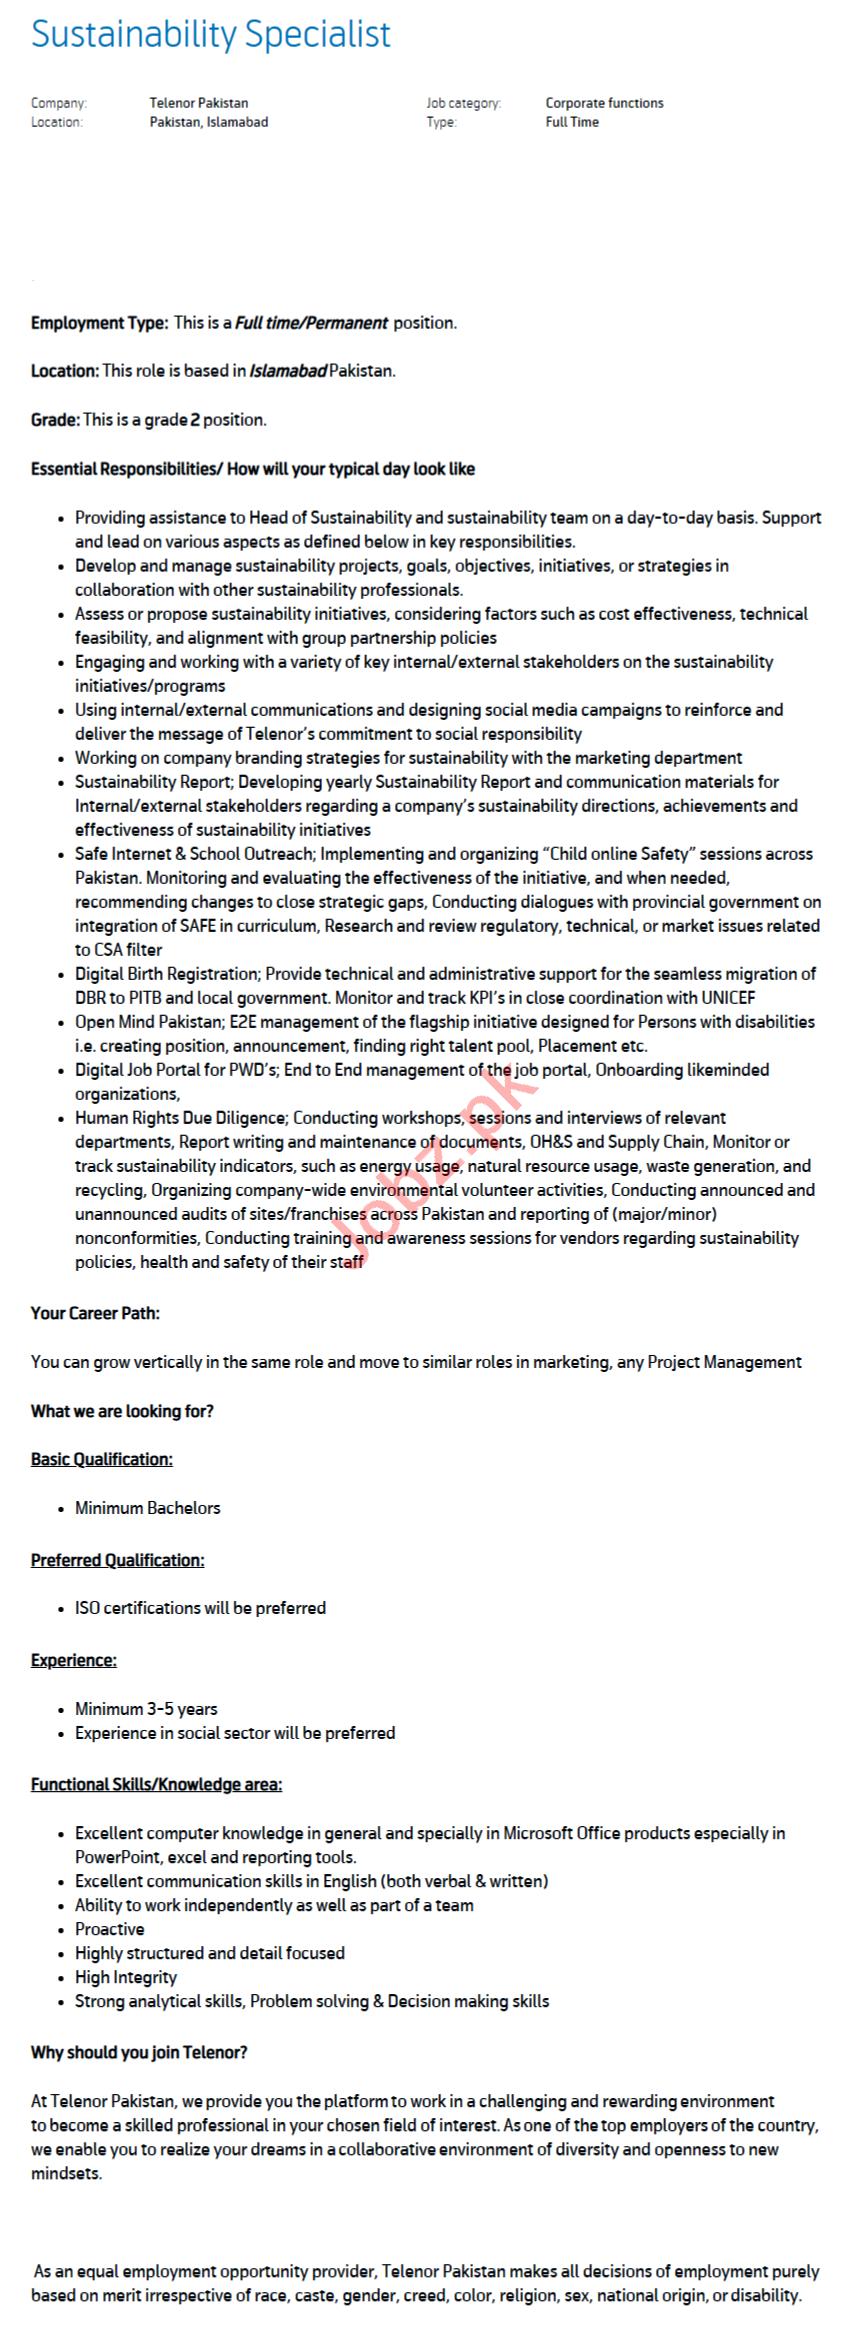 Sustainability Specialist Jobs 2020 for Telenor Pakistan